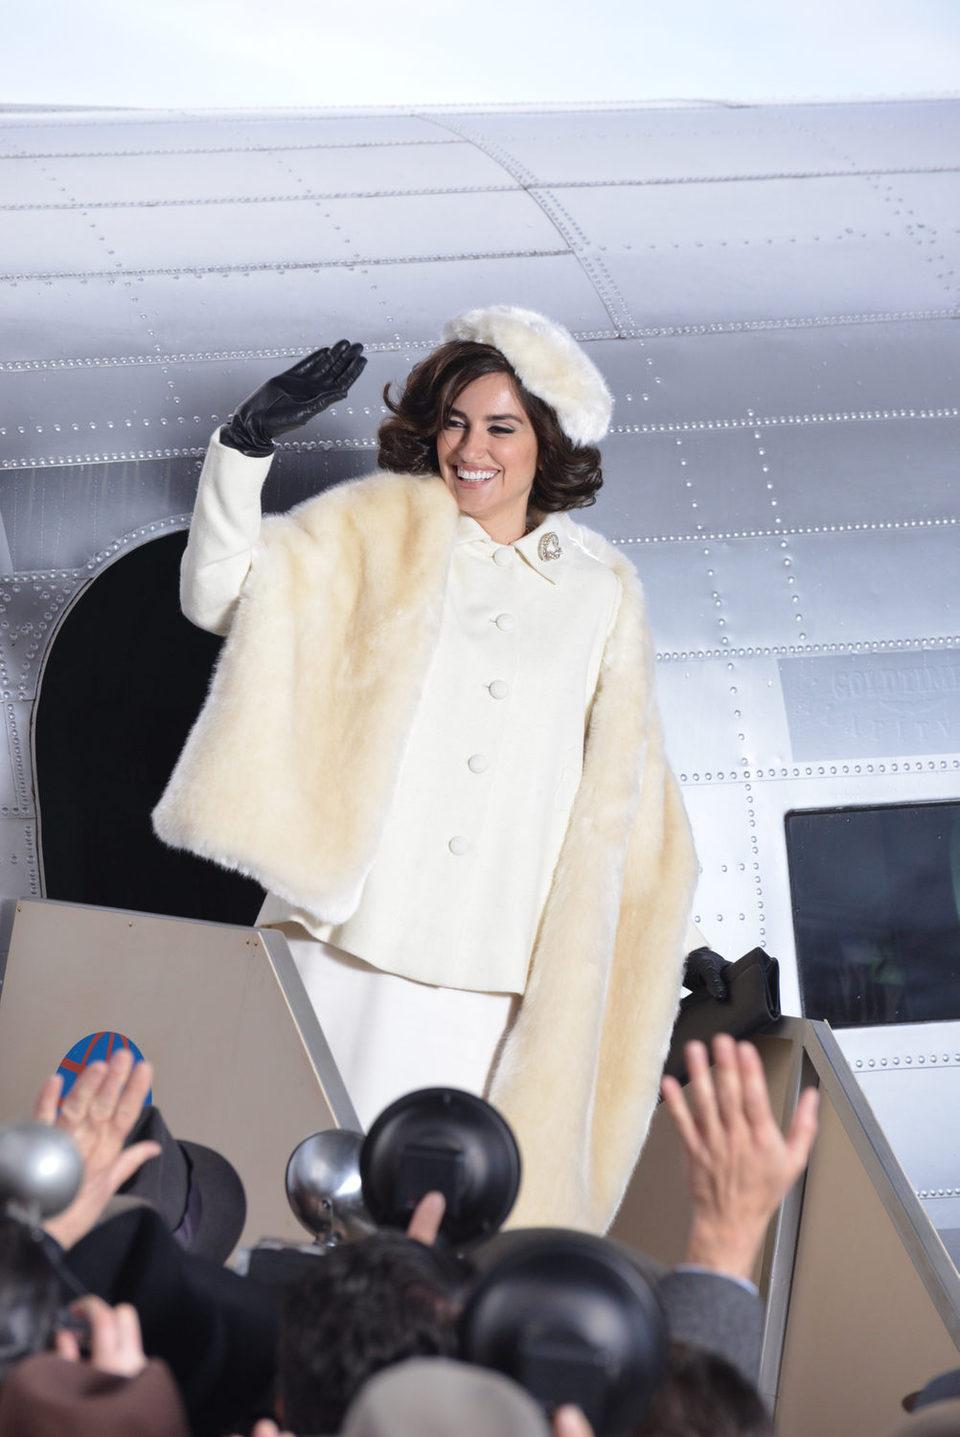 La reina de España, fotograma 29 de 38